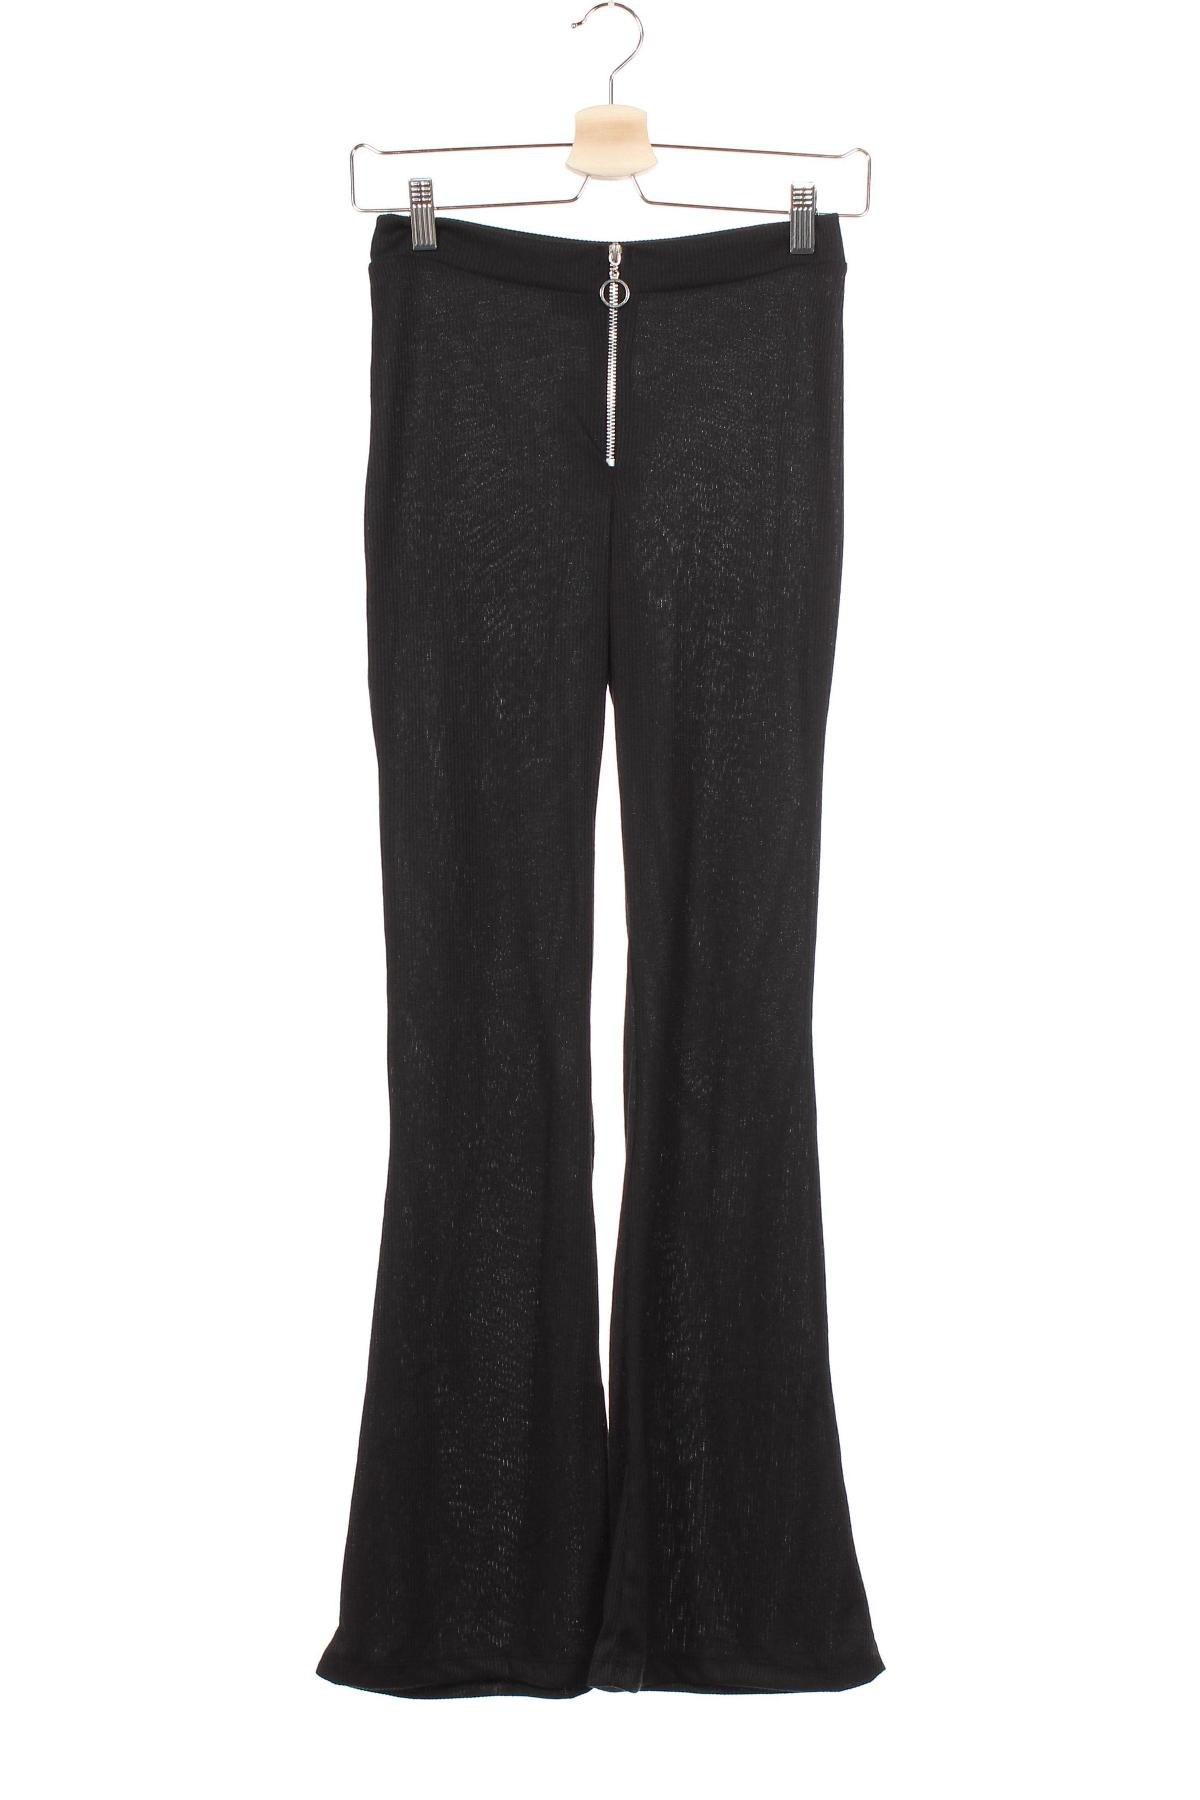 Дамски панталон Another Reason, Размер XS, Цвят Черен, Полиестер, Цена 9,37лв.